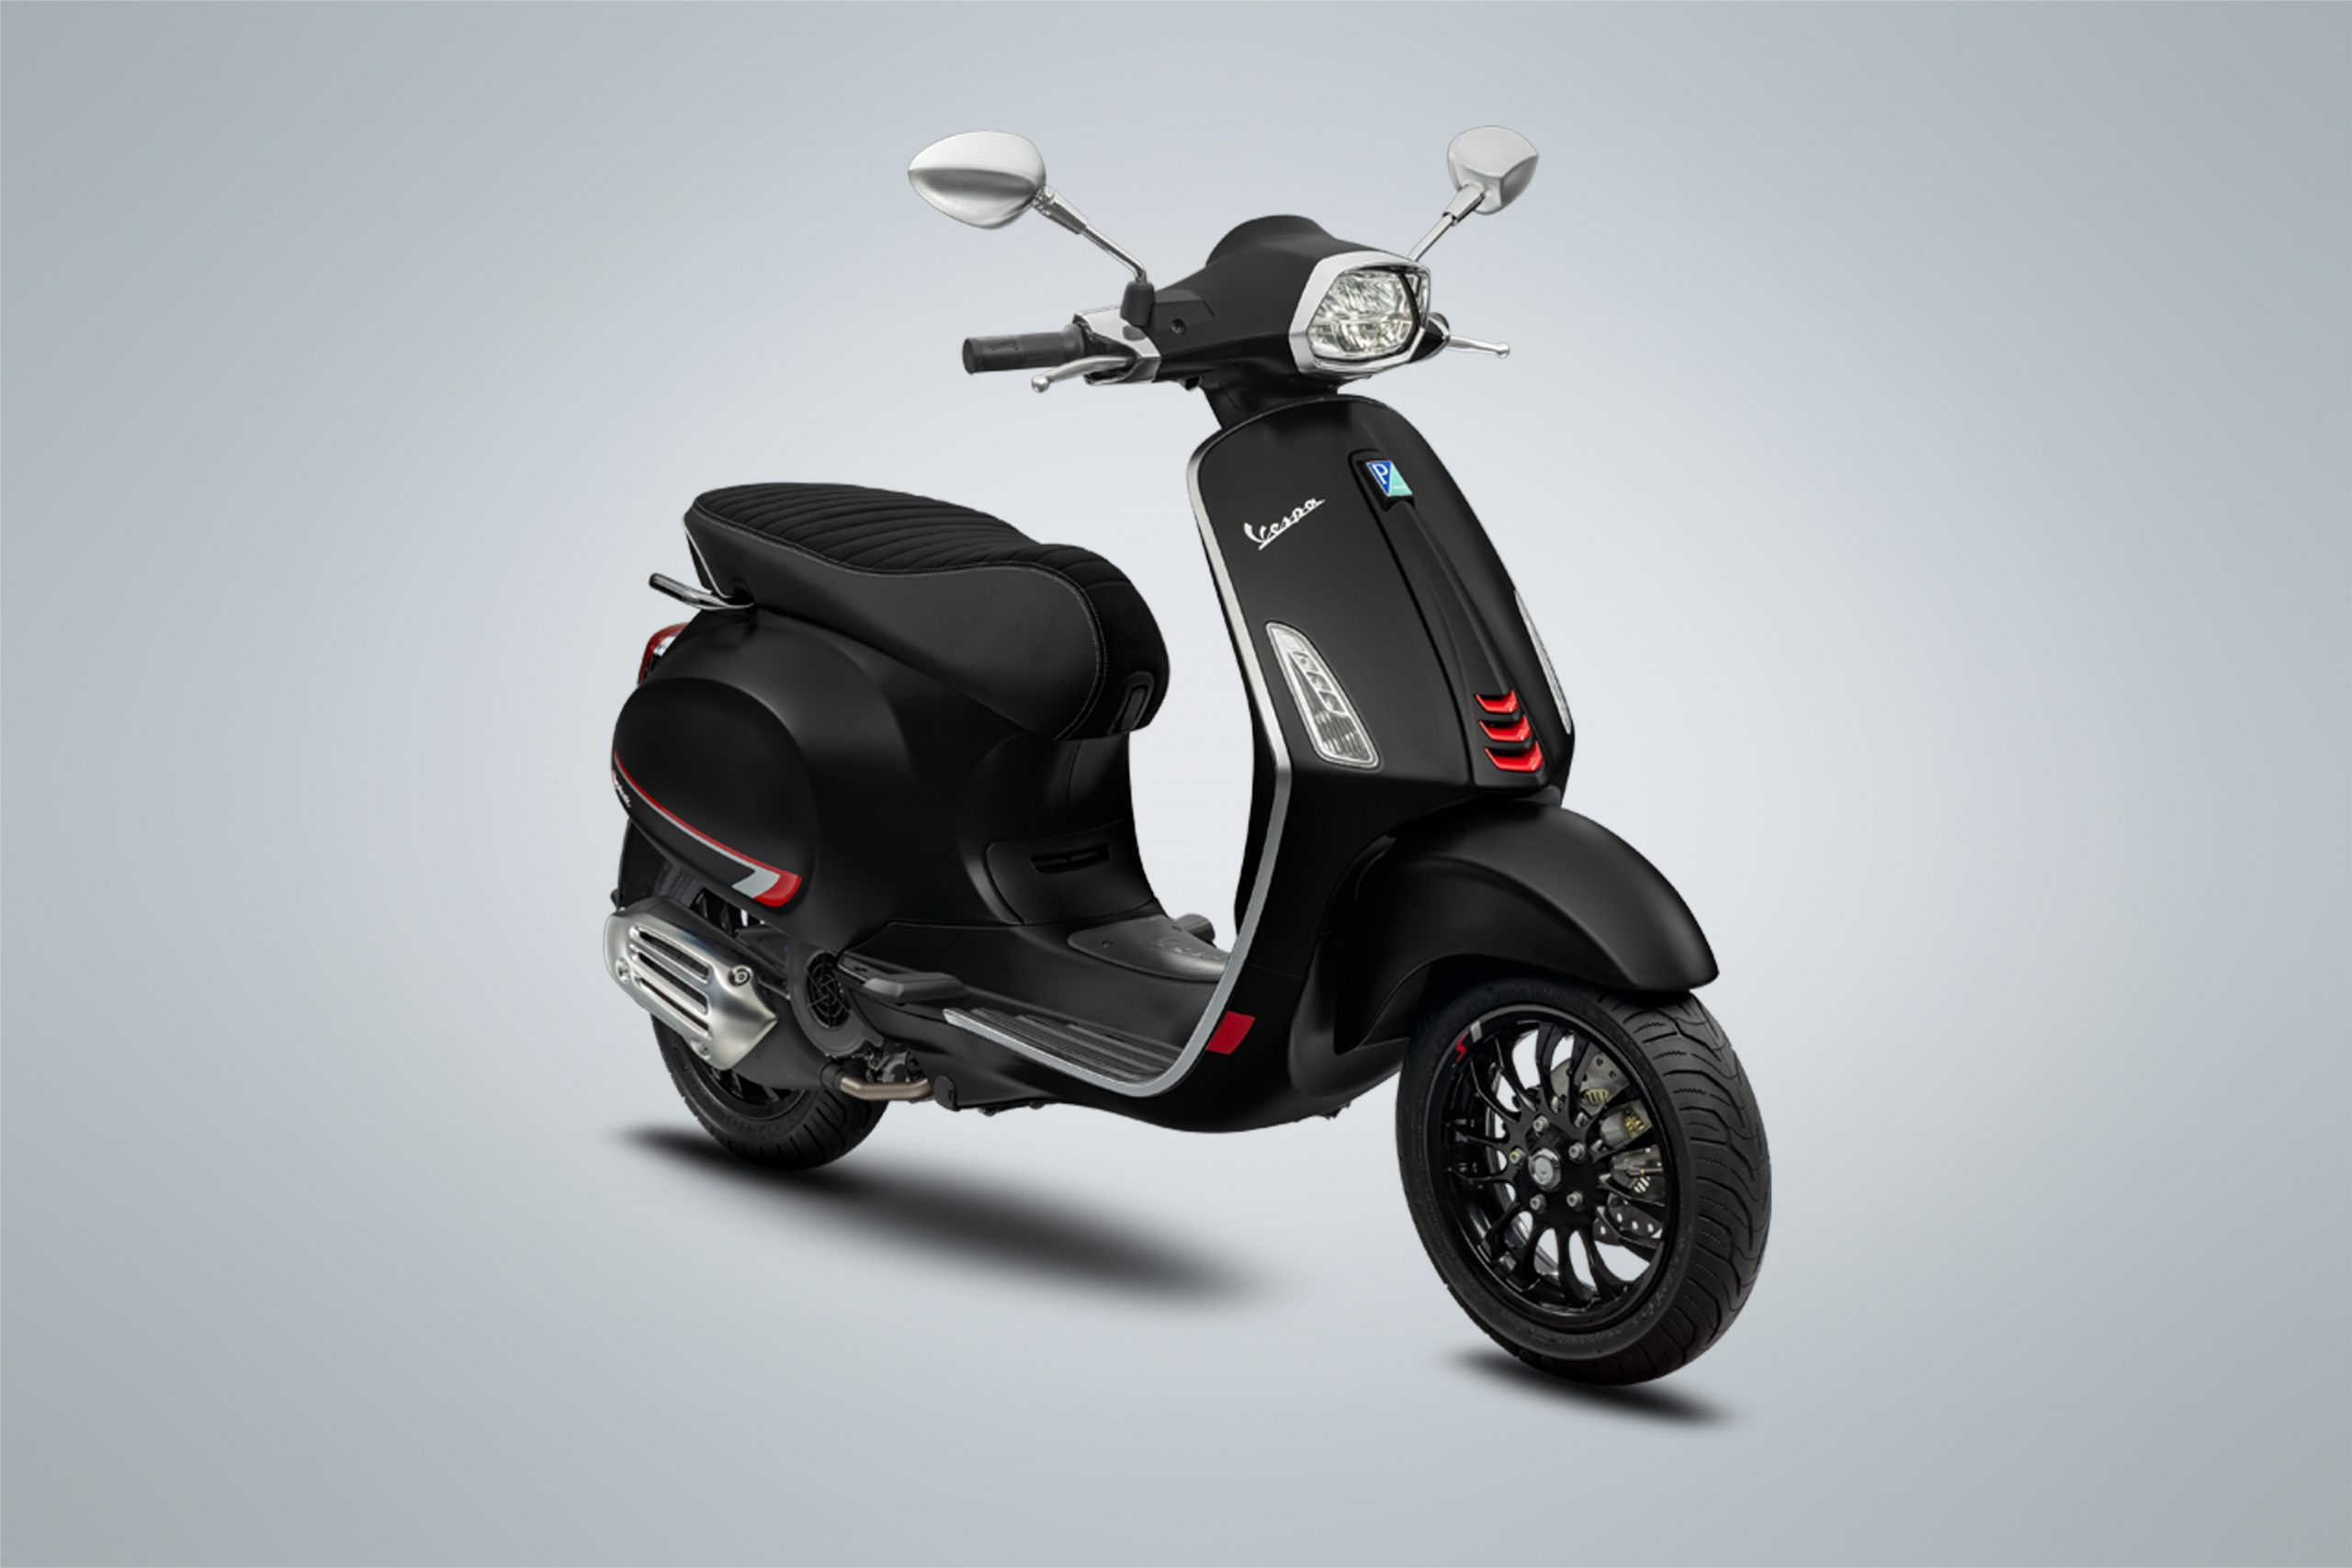 Vespa Sprint s 150 cc chính thức ra mắt tại Việt Nam, giá gần 90 triệu đồng - 1